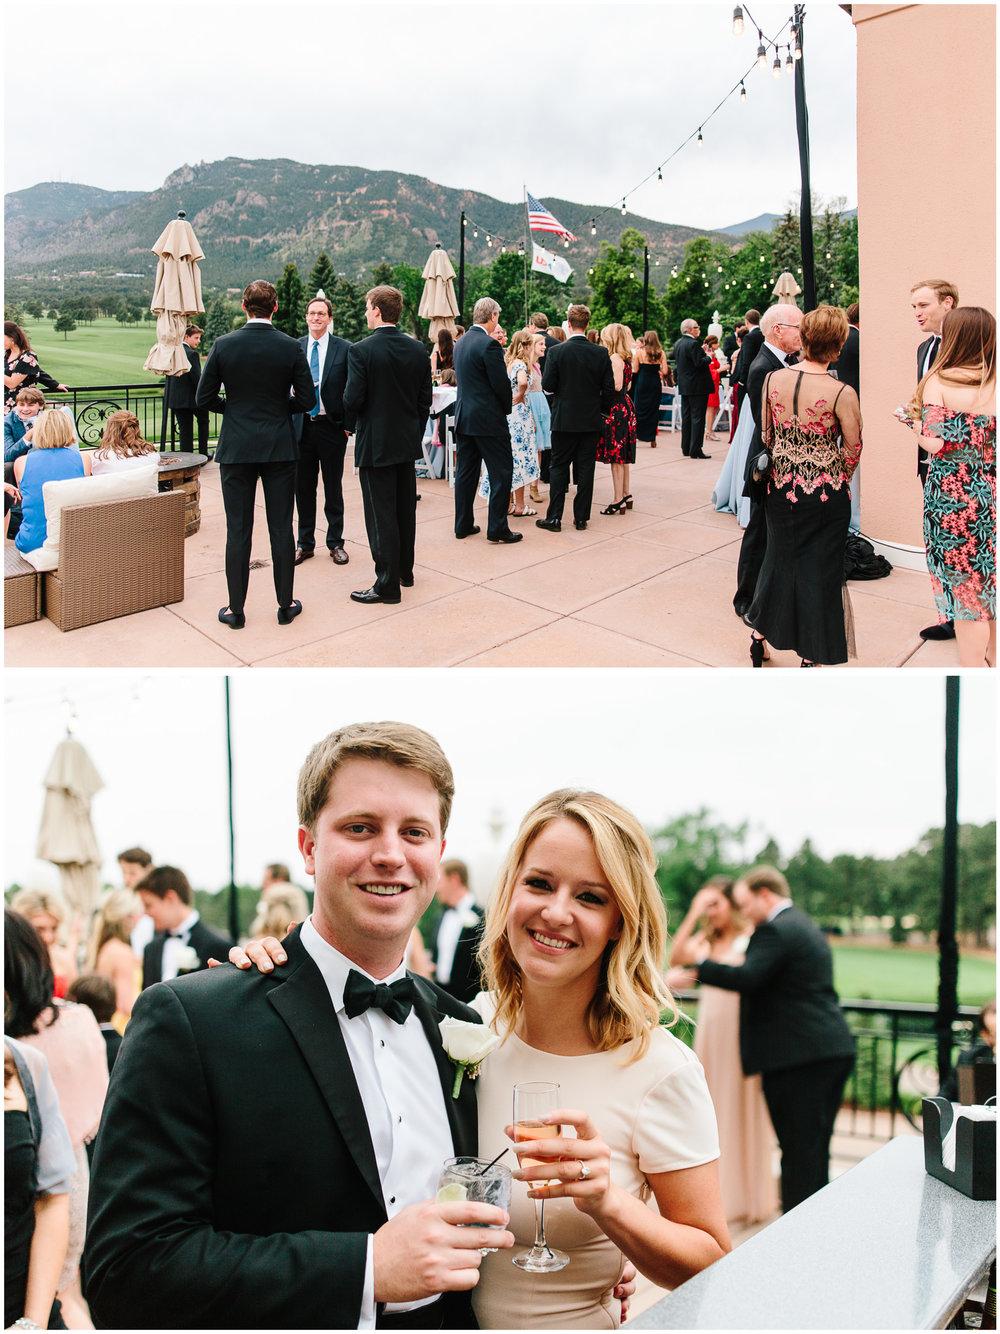 broadmoor_wedding_55.jpg